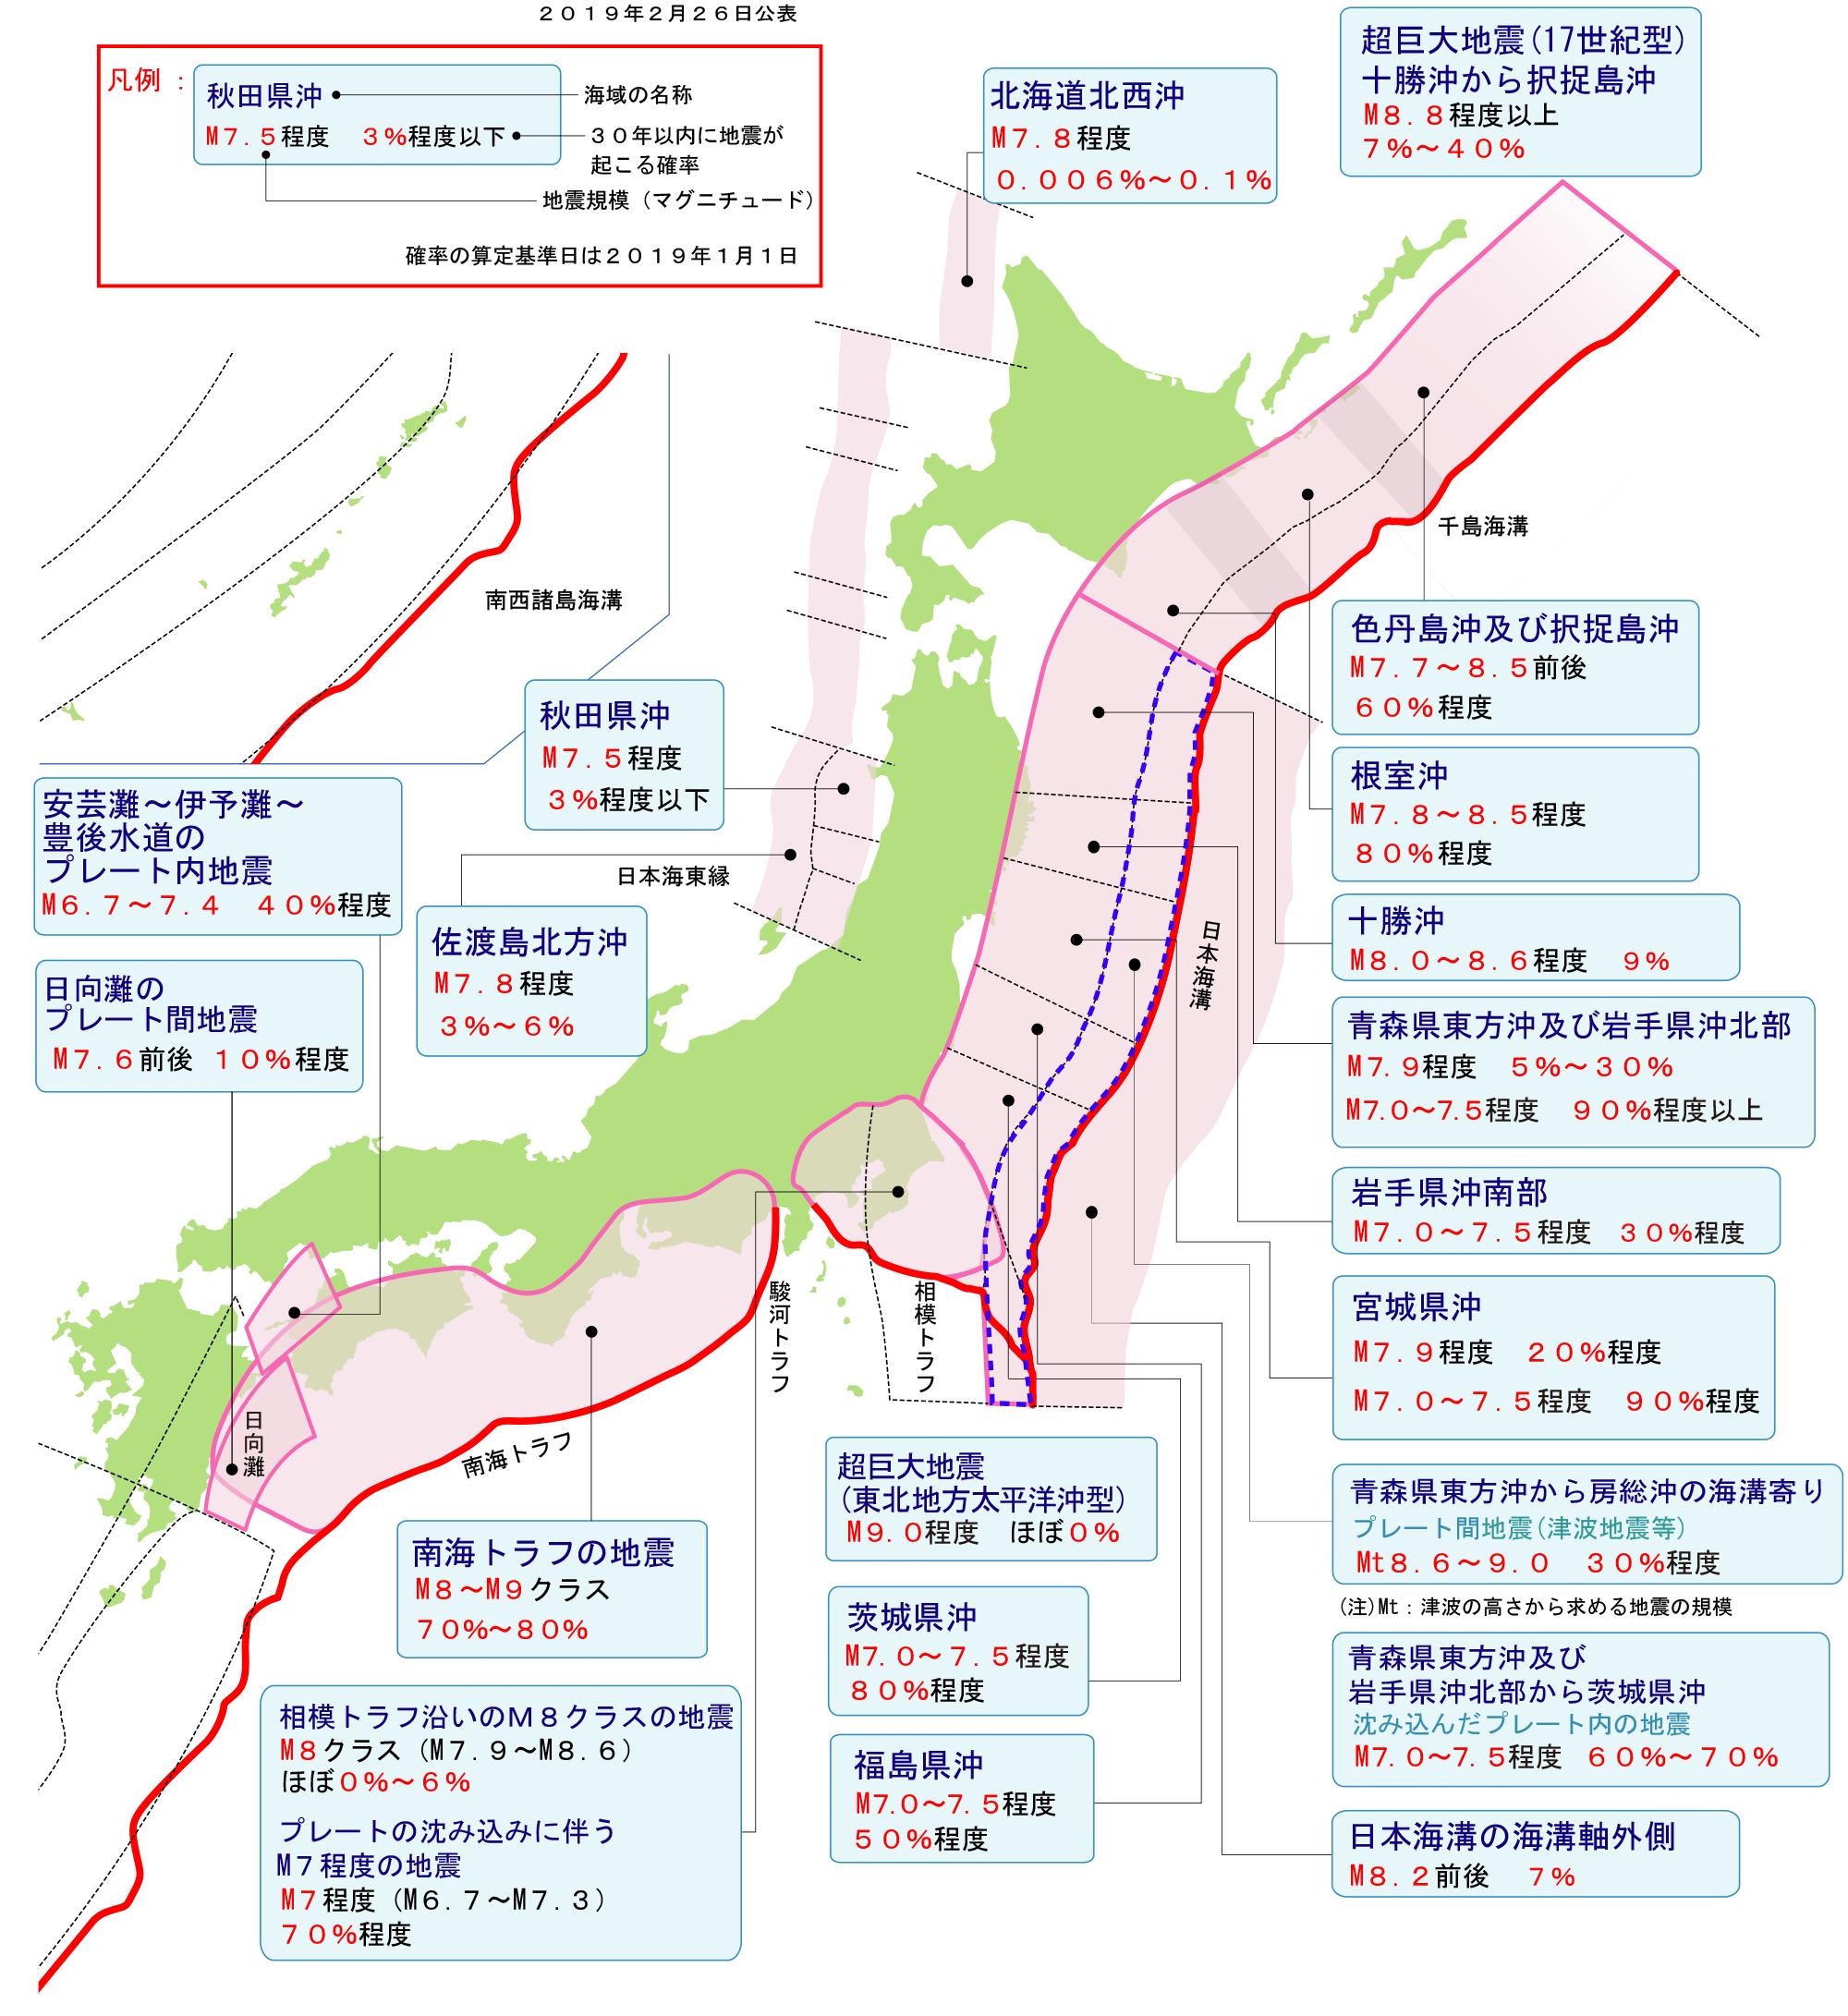 海溝型地震の評価